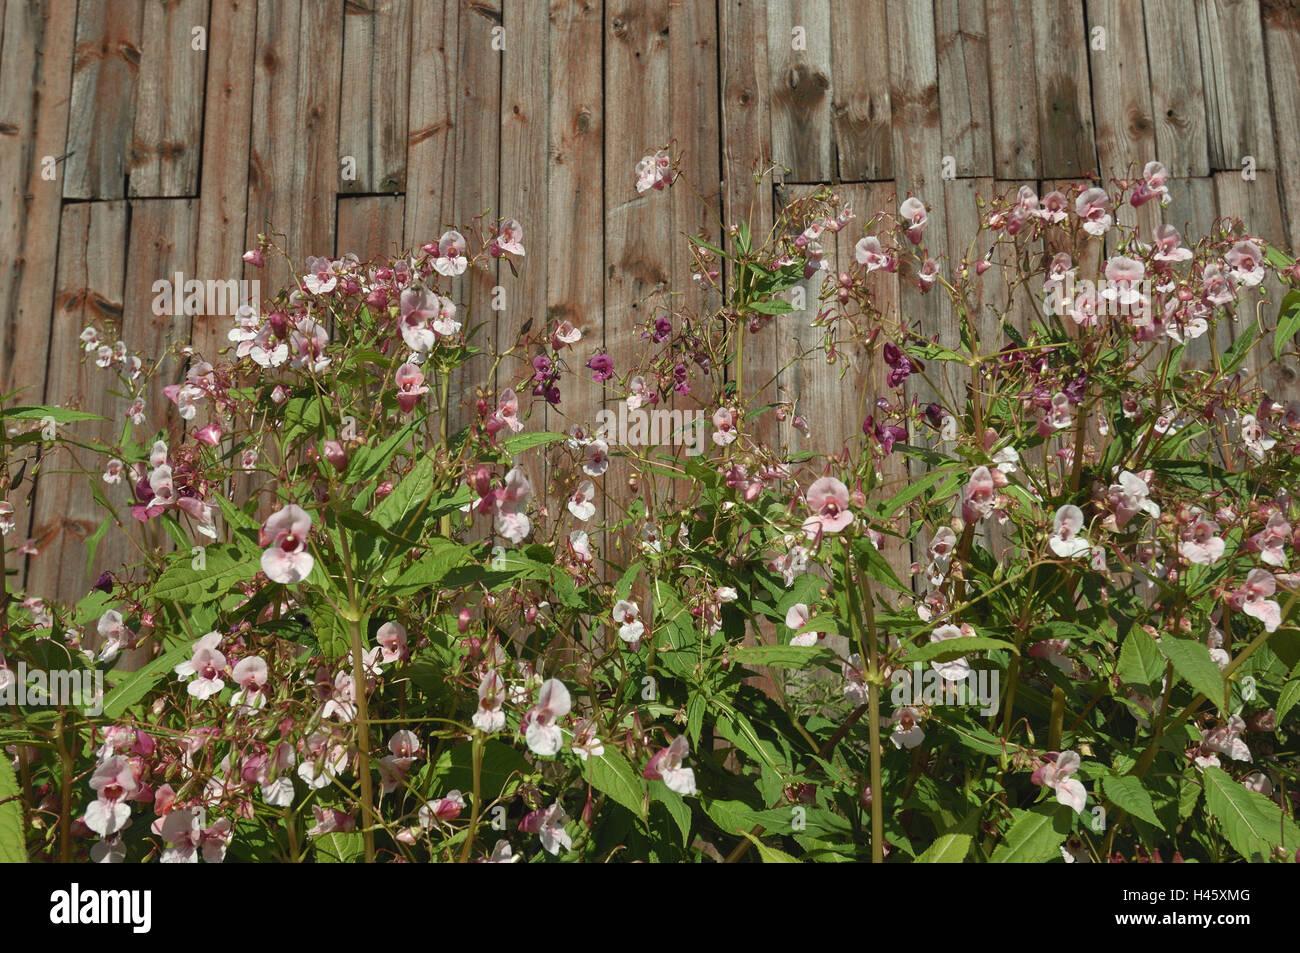 Barn, Springkraut, medium close-up, Finland, Rantasalmi, Stock Photo